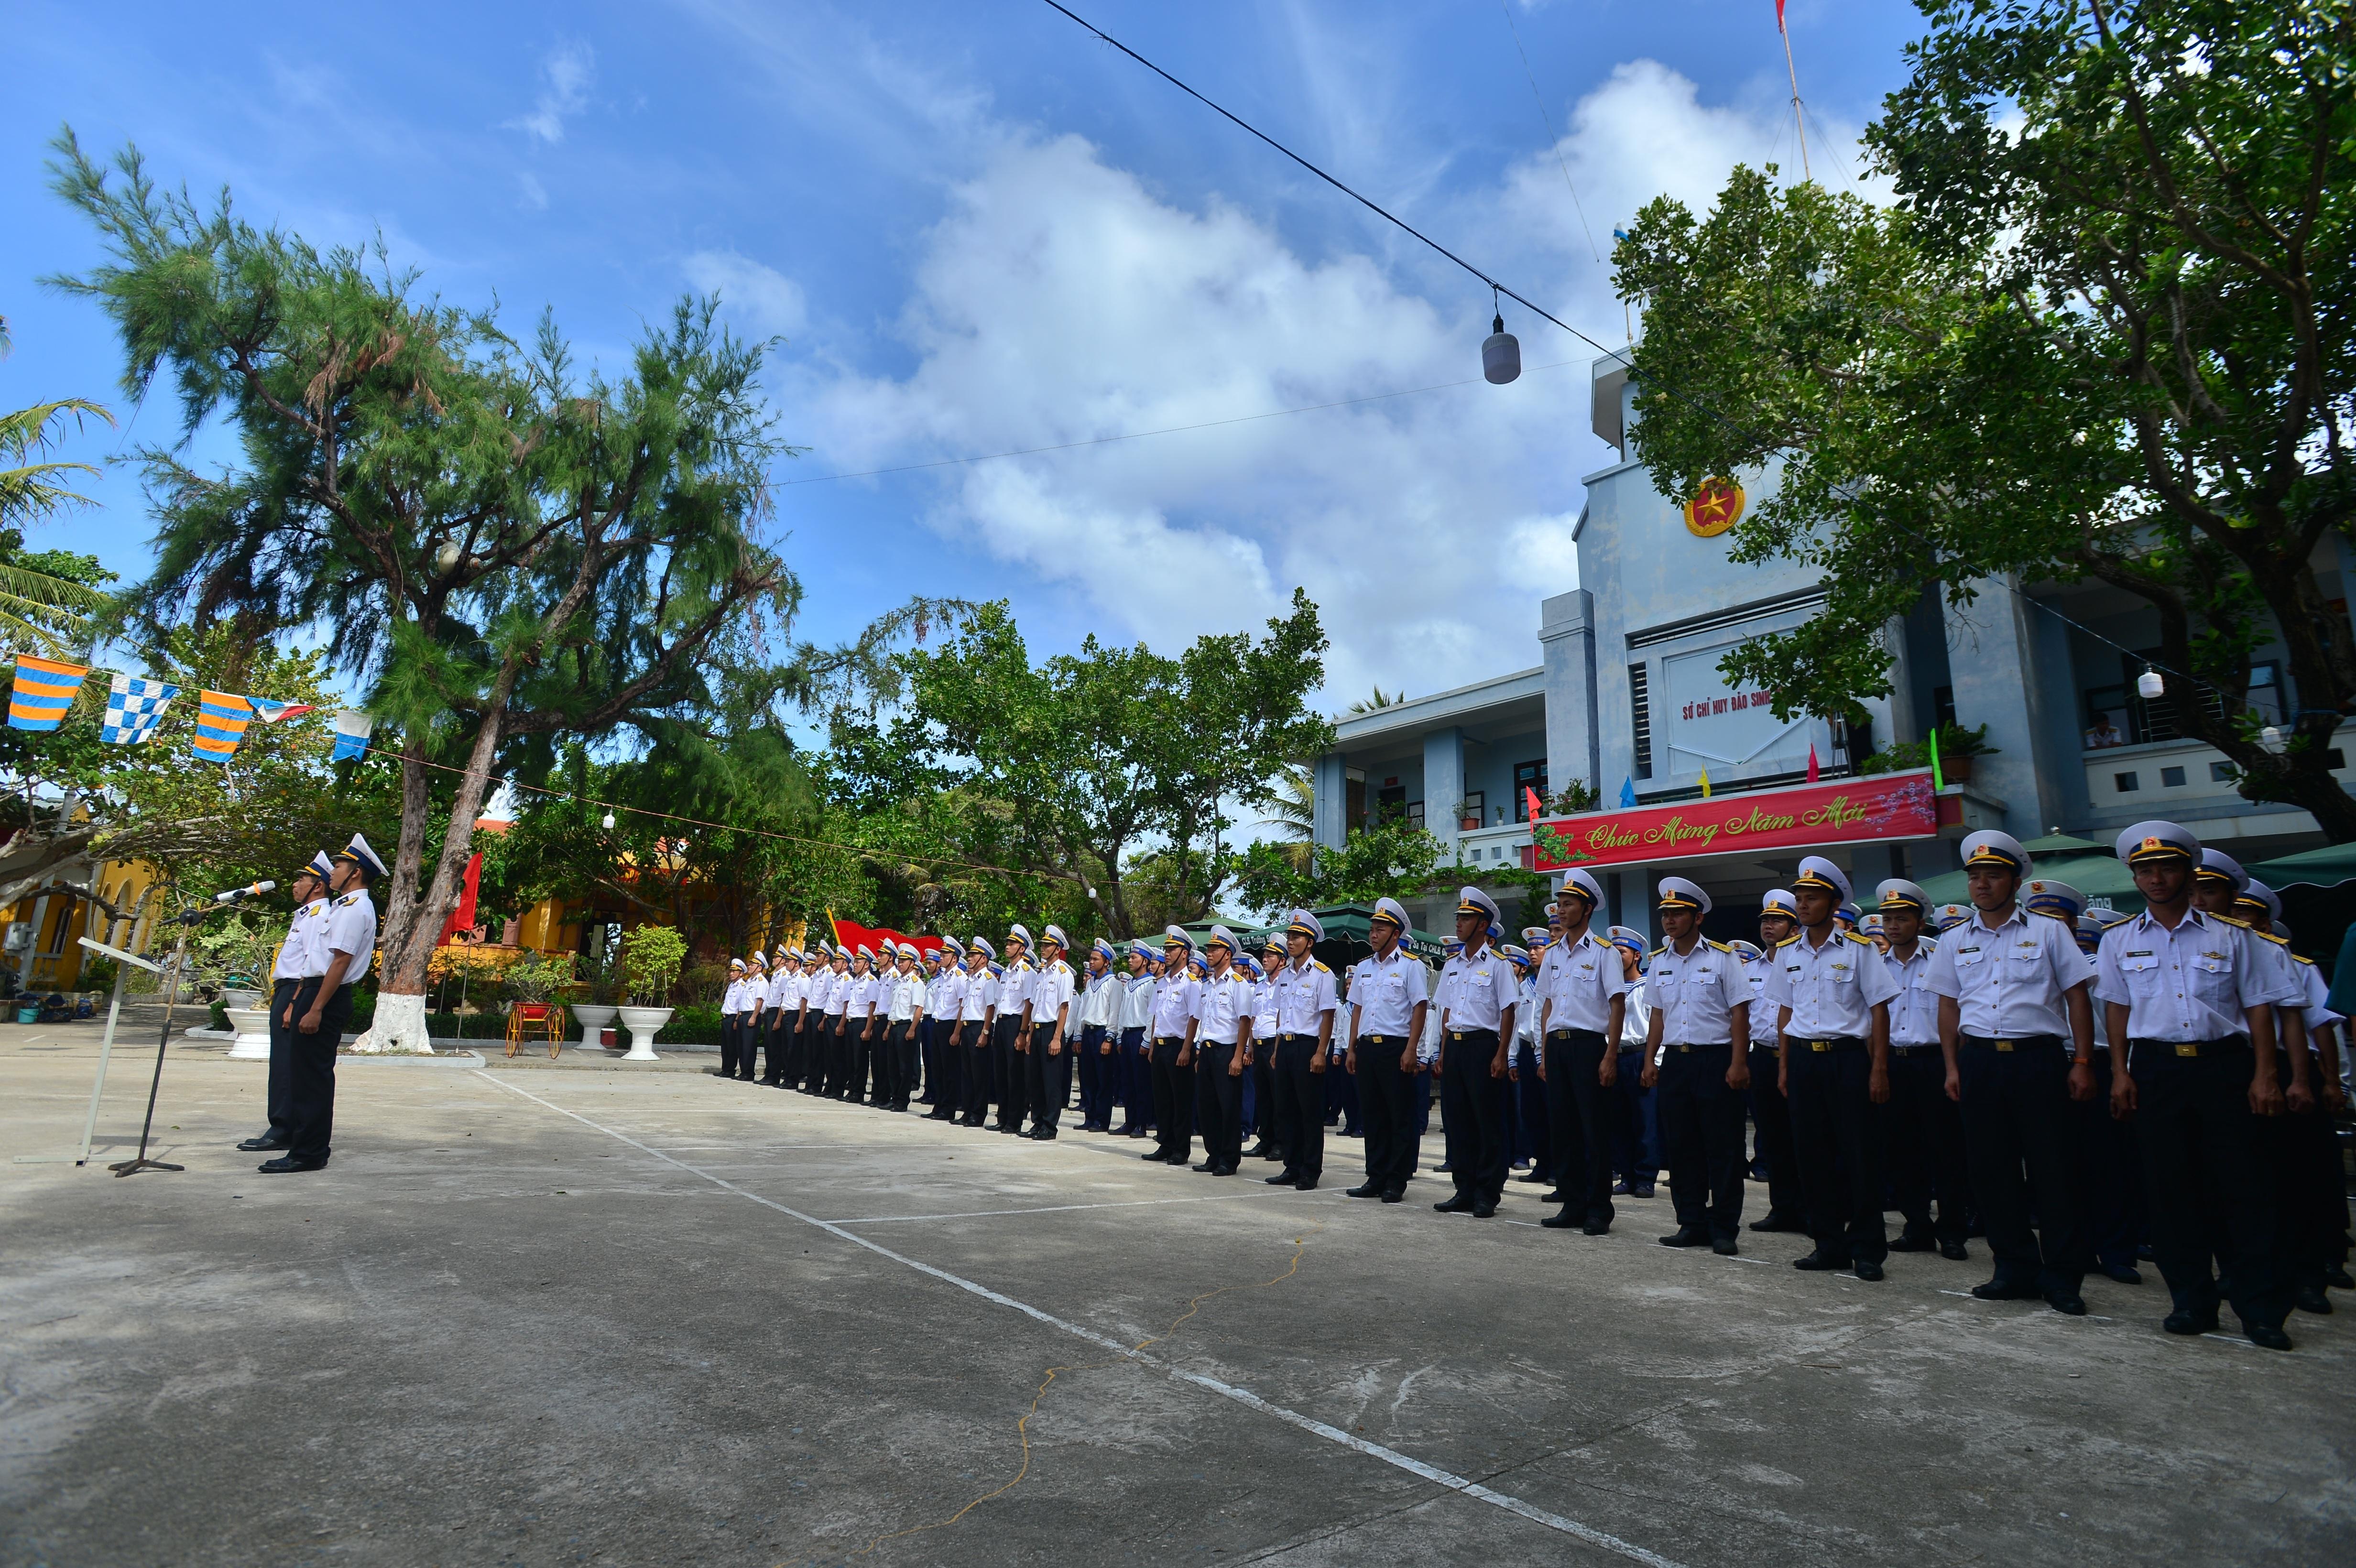 Thiêng liêng lễ chào cờ đầu năm mới tại Trường Sa - 4